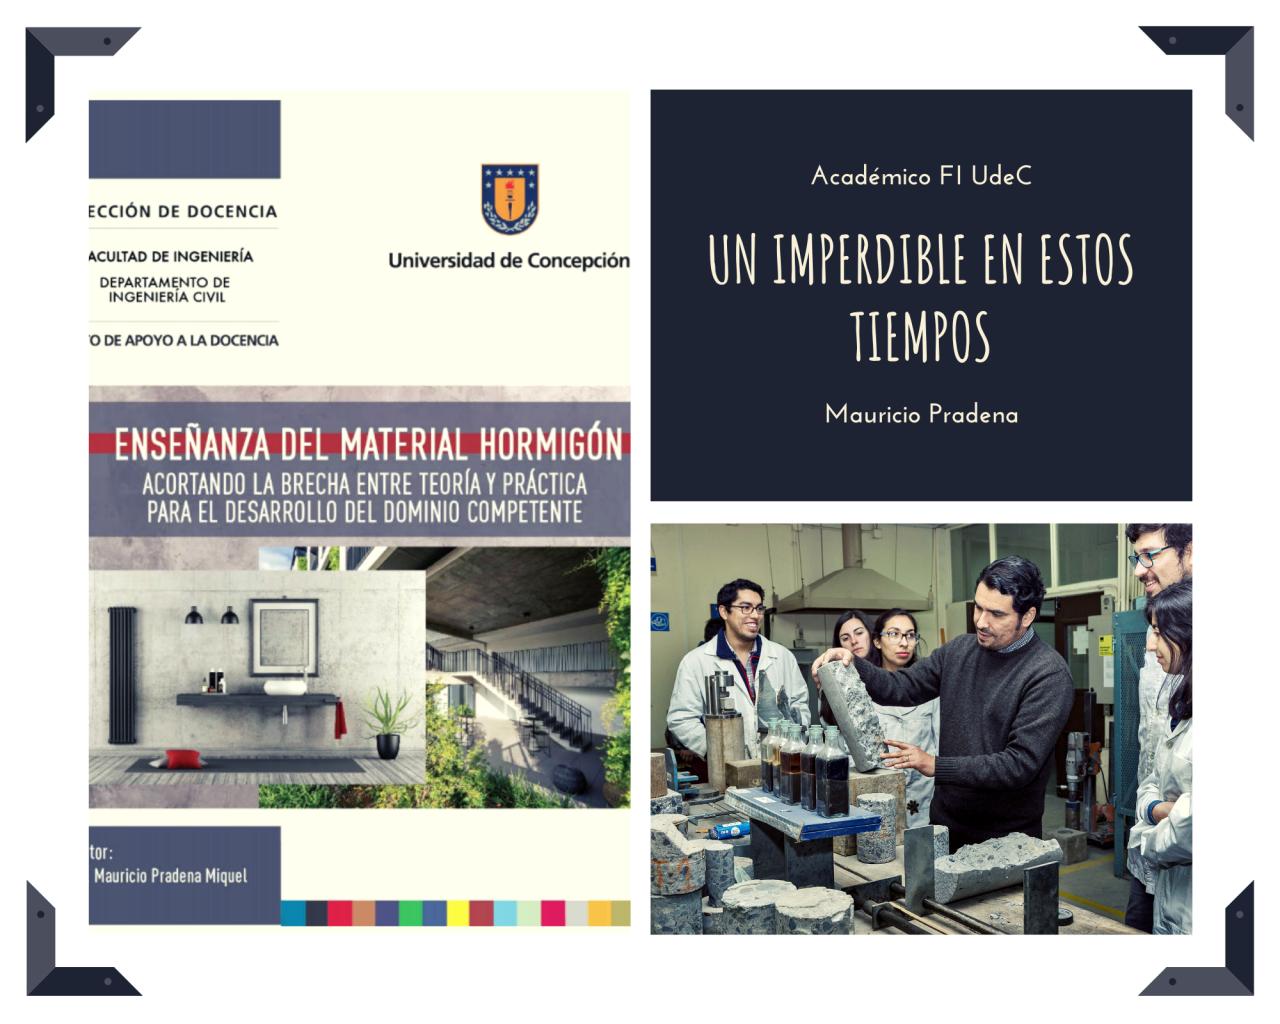 Libro centrado en las innovaciones para la enseñanza del hormigón es publicado por académico Mauricio Pradena